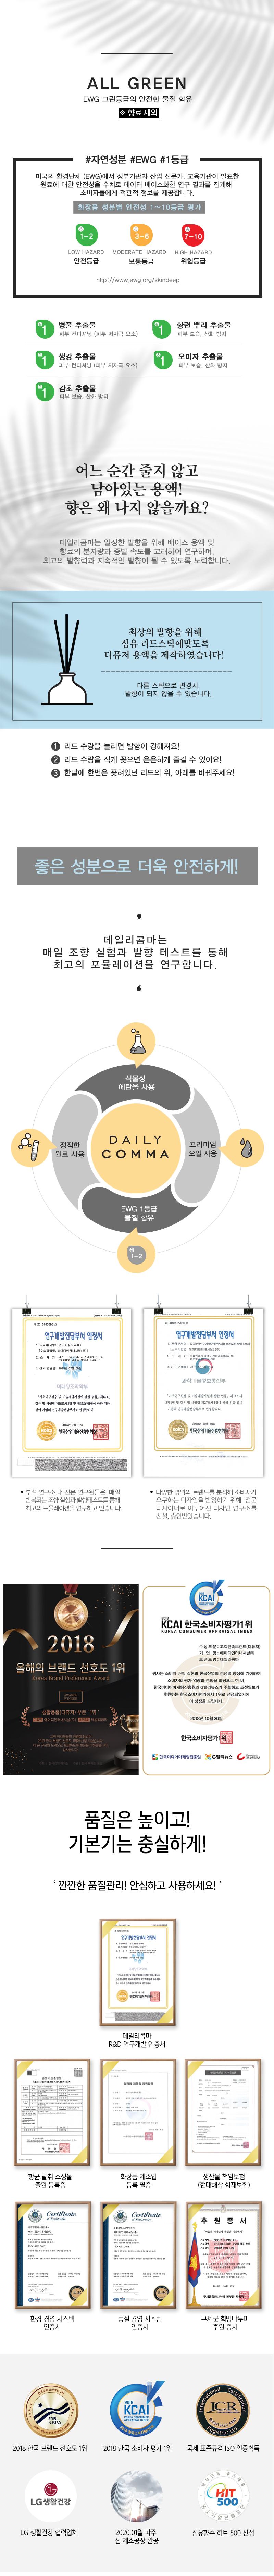 데일리콤마 디퓨저 본품 200ml 1+1+1 - 에코조이, 12,900원, 디퓨져, 디퓨져